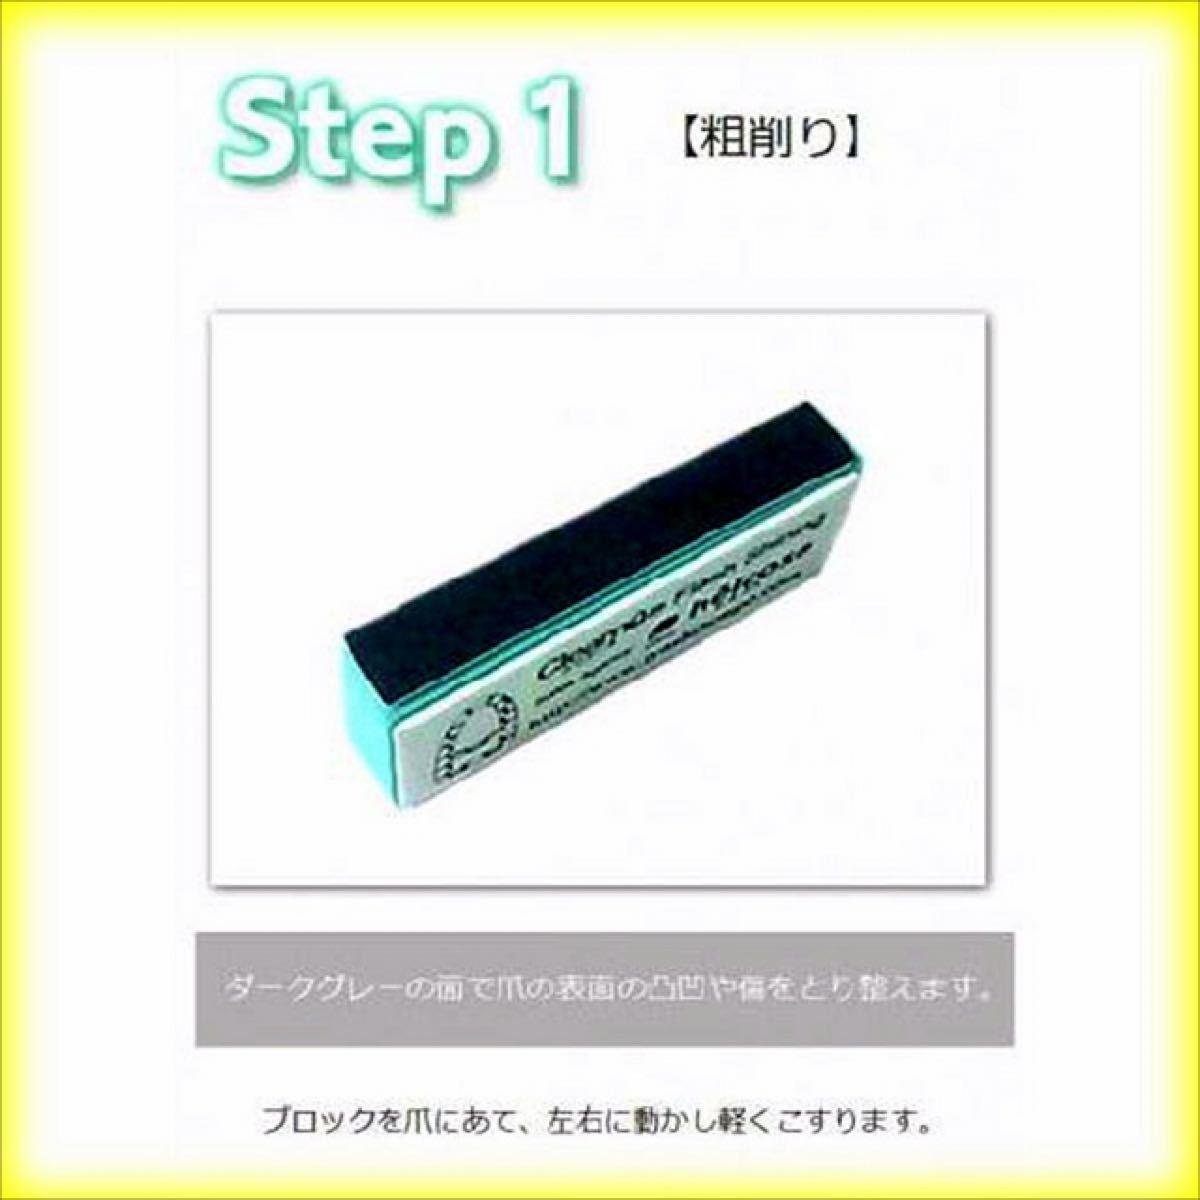 ネイルケア ネイル 爪磨き ヒルコス 癒本舗【フラッシュシャイニング】